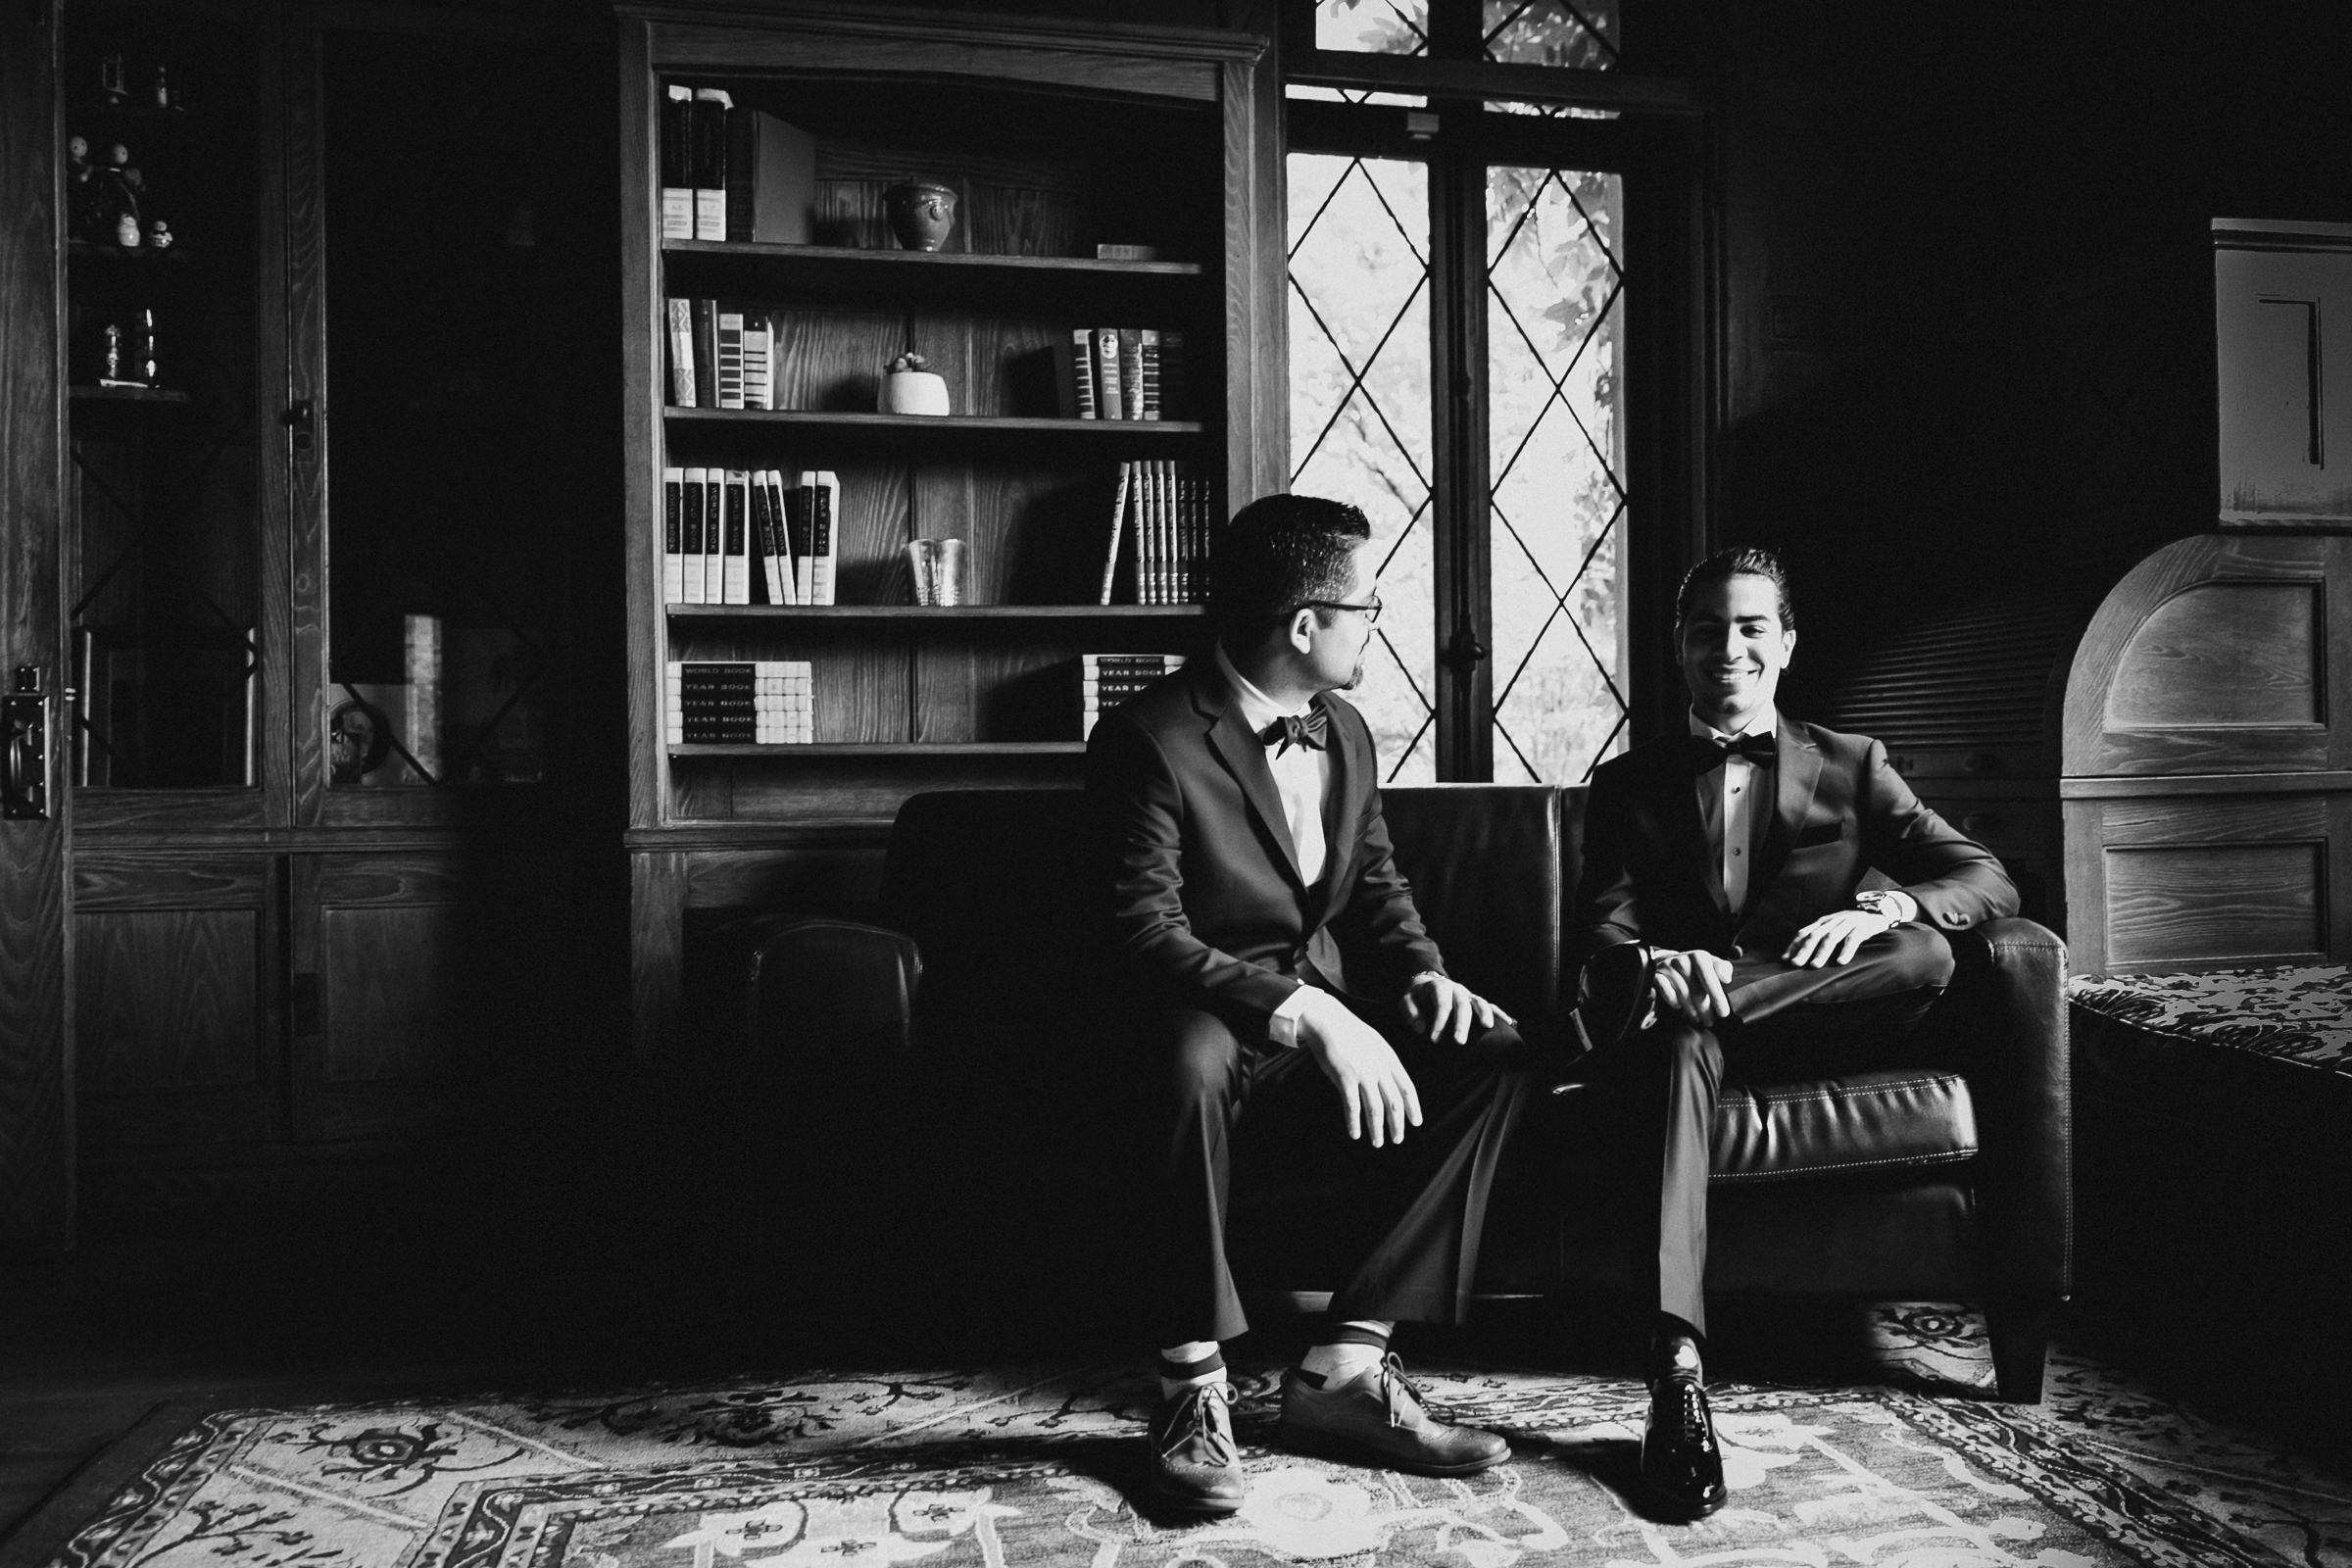 Arrow-Park-Monroe-NY-Documentary-Wedding-Photographer-24.jpg